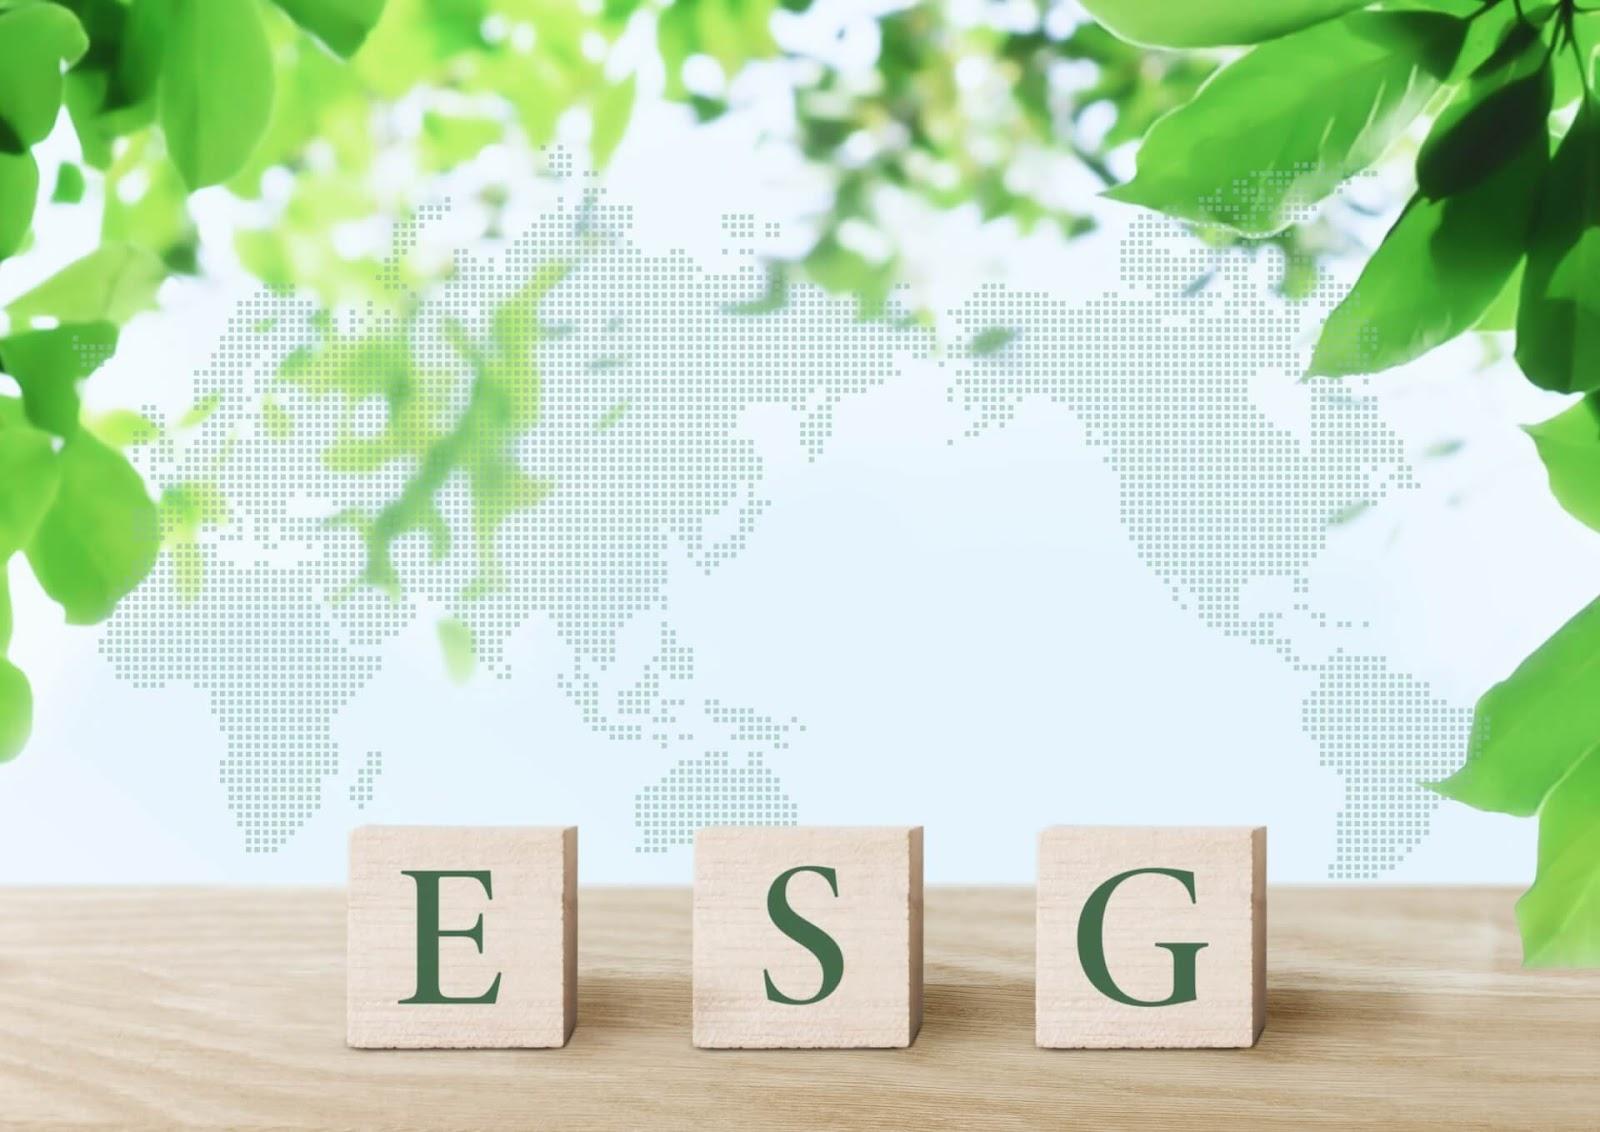 多くの企業が注目の「ESG」とは?企業投資の新しい判断基準